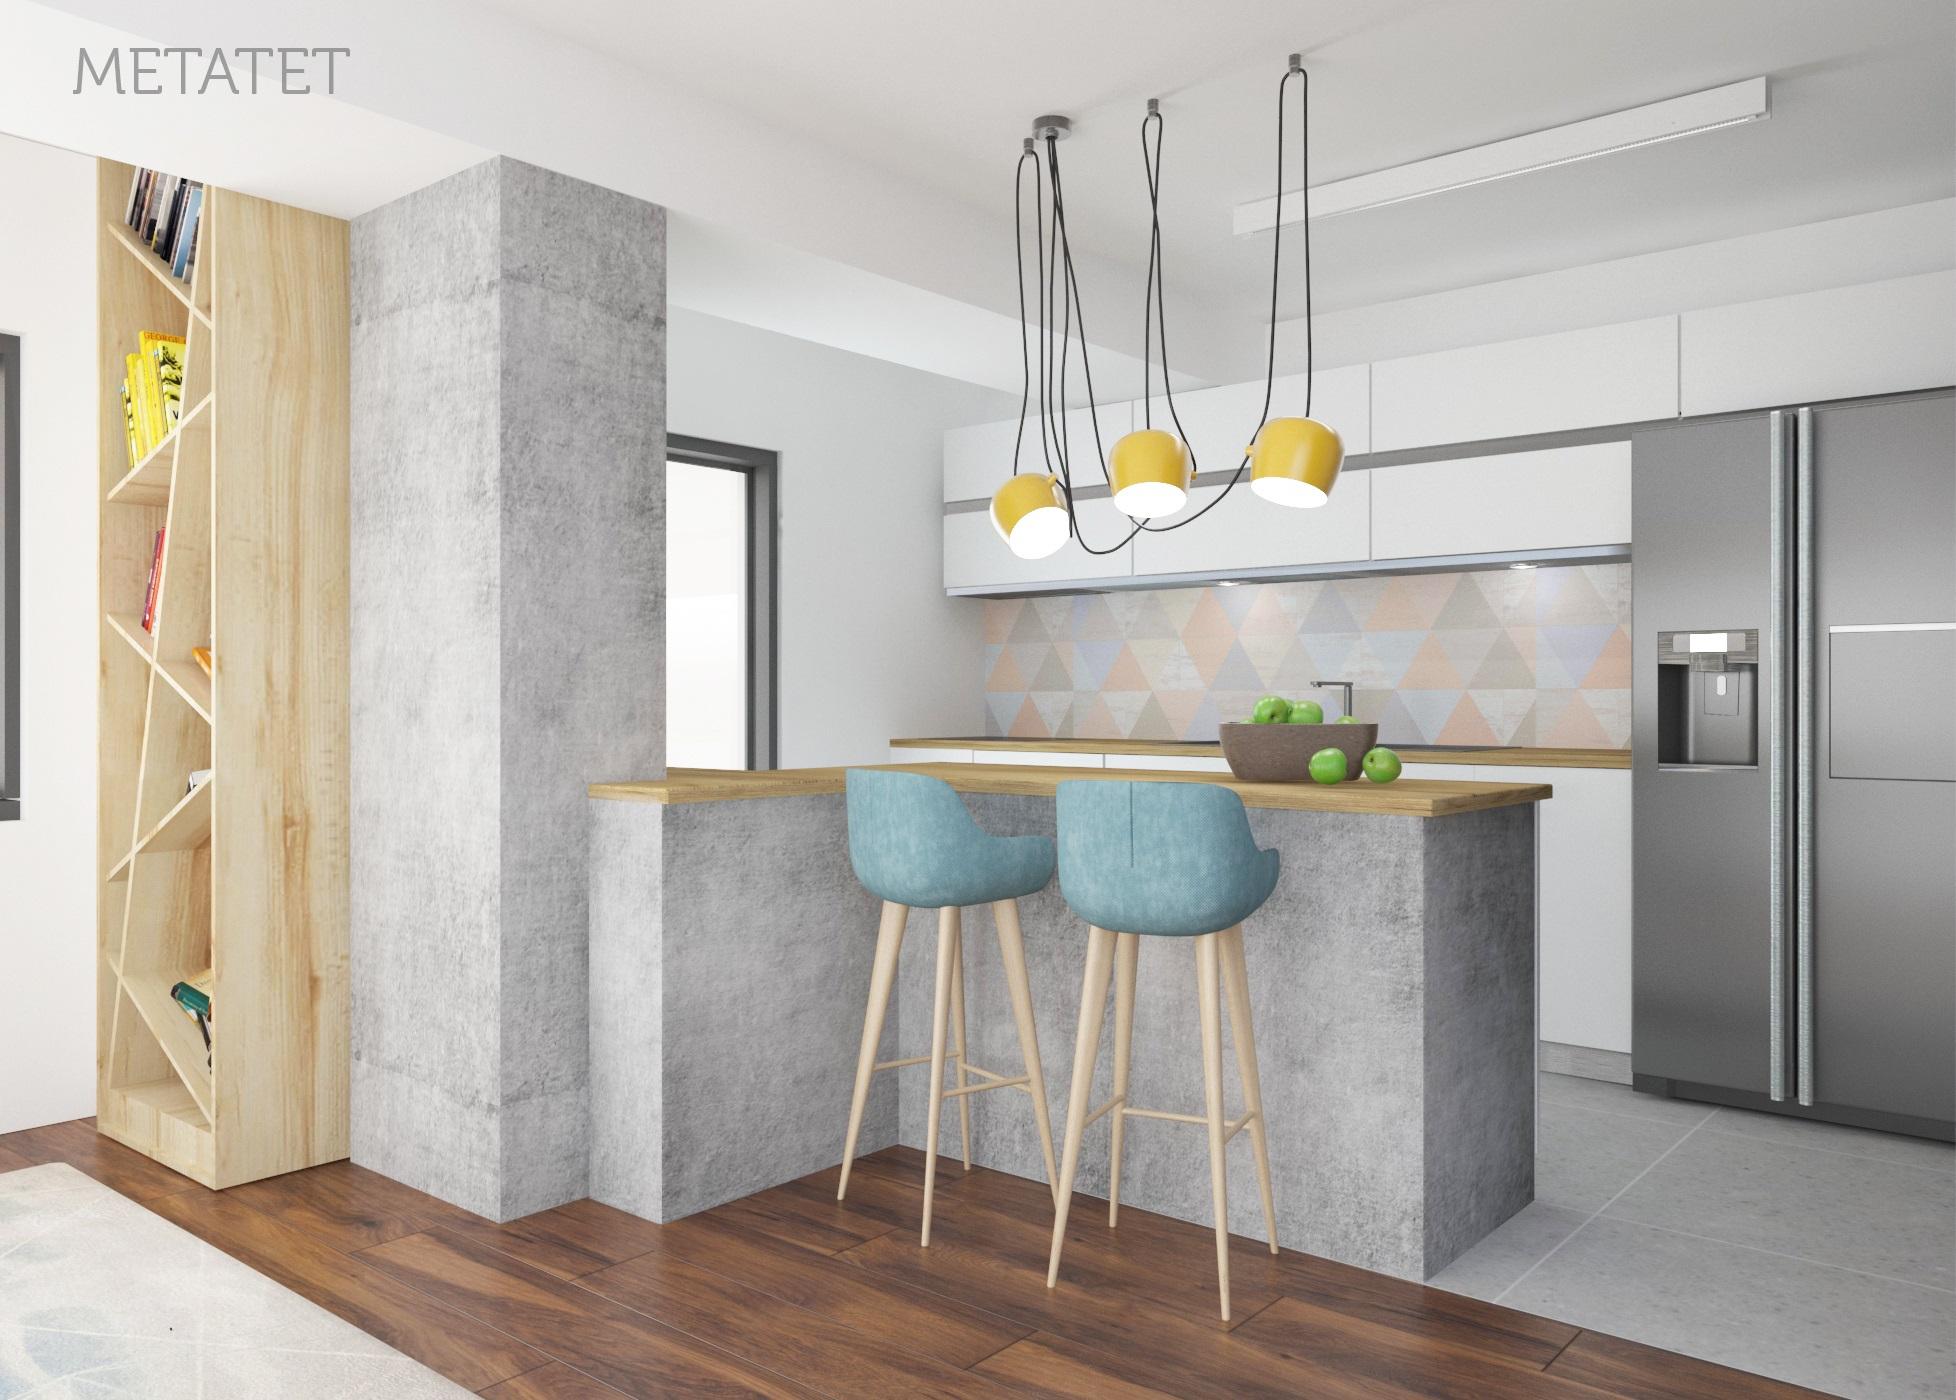 kitchen design metatet portfolio